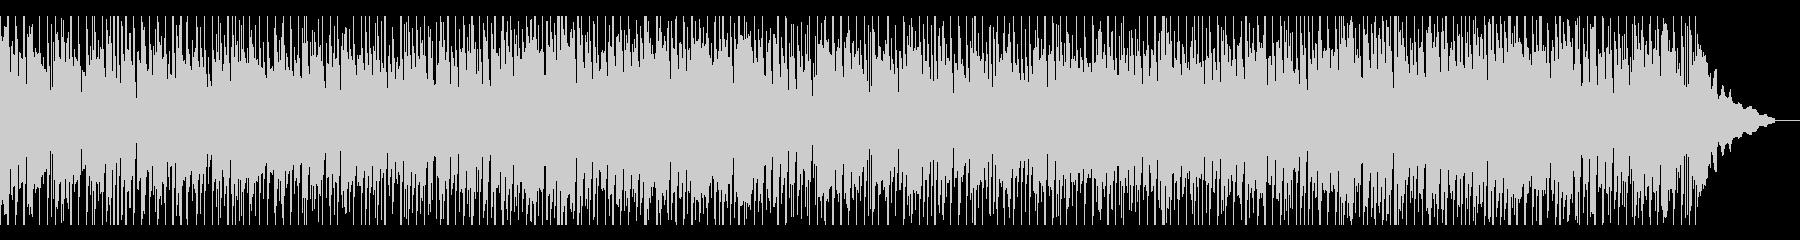 温かいメロディのハウス風バラードの未再生の波形